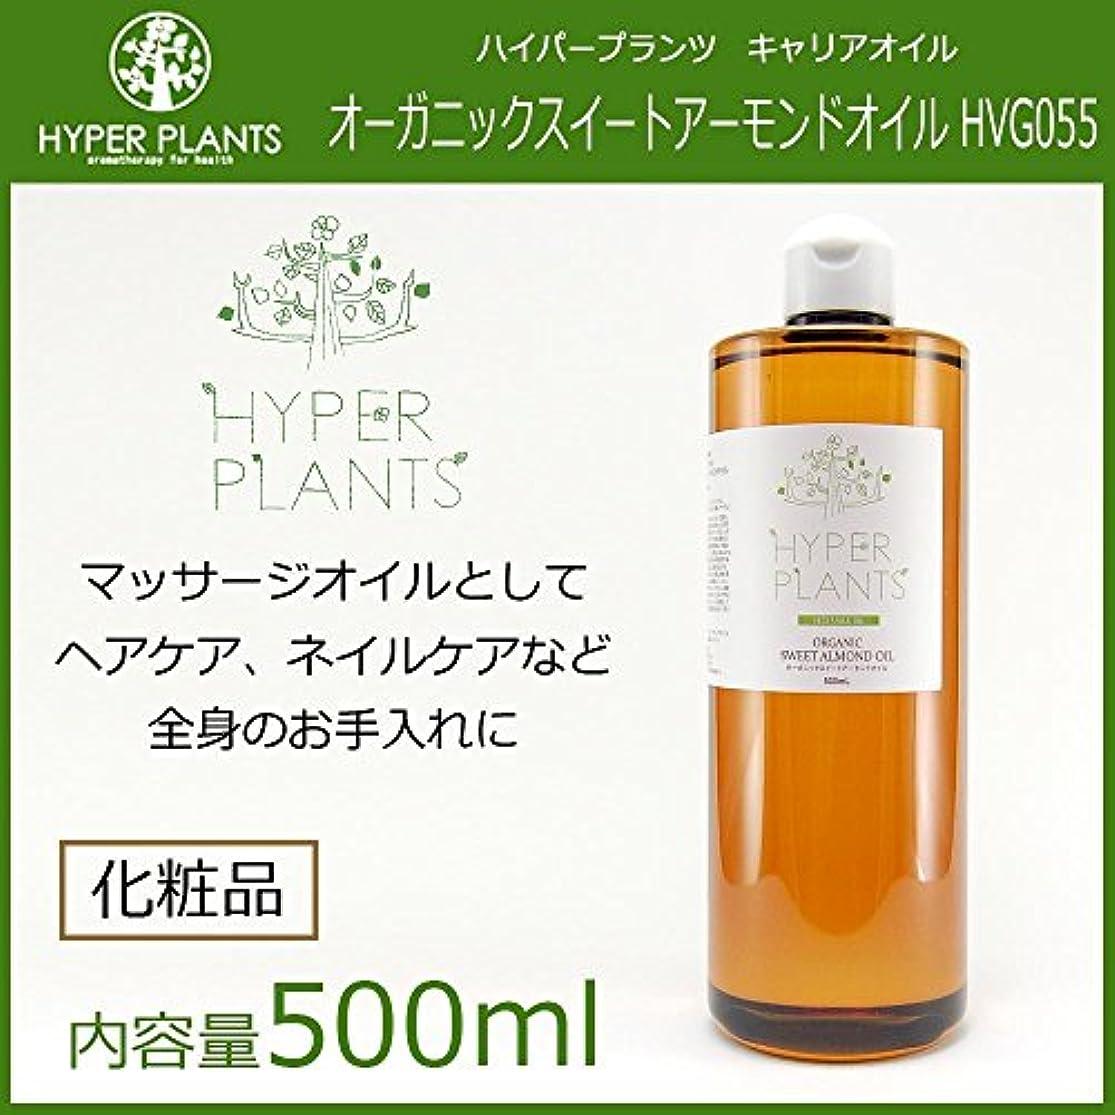 ドル好み砲撃HYPER PLANTS ハイパープランツ キャリアオイル オーガニックスイートアーモンドオイル 500ml HVG055